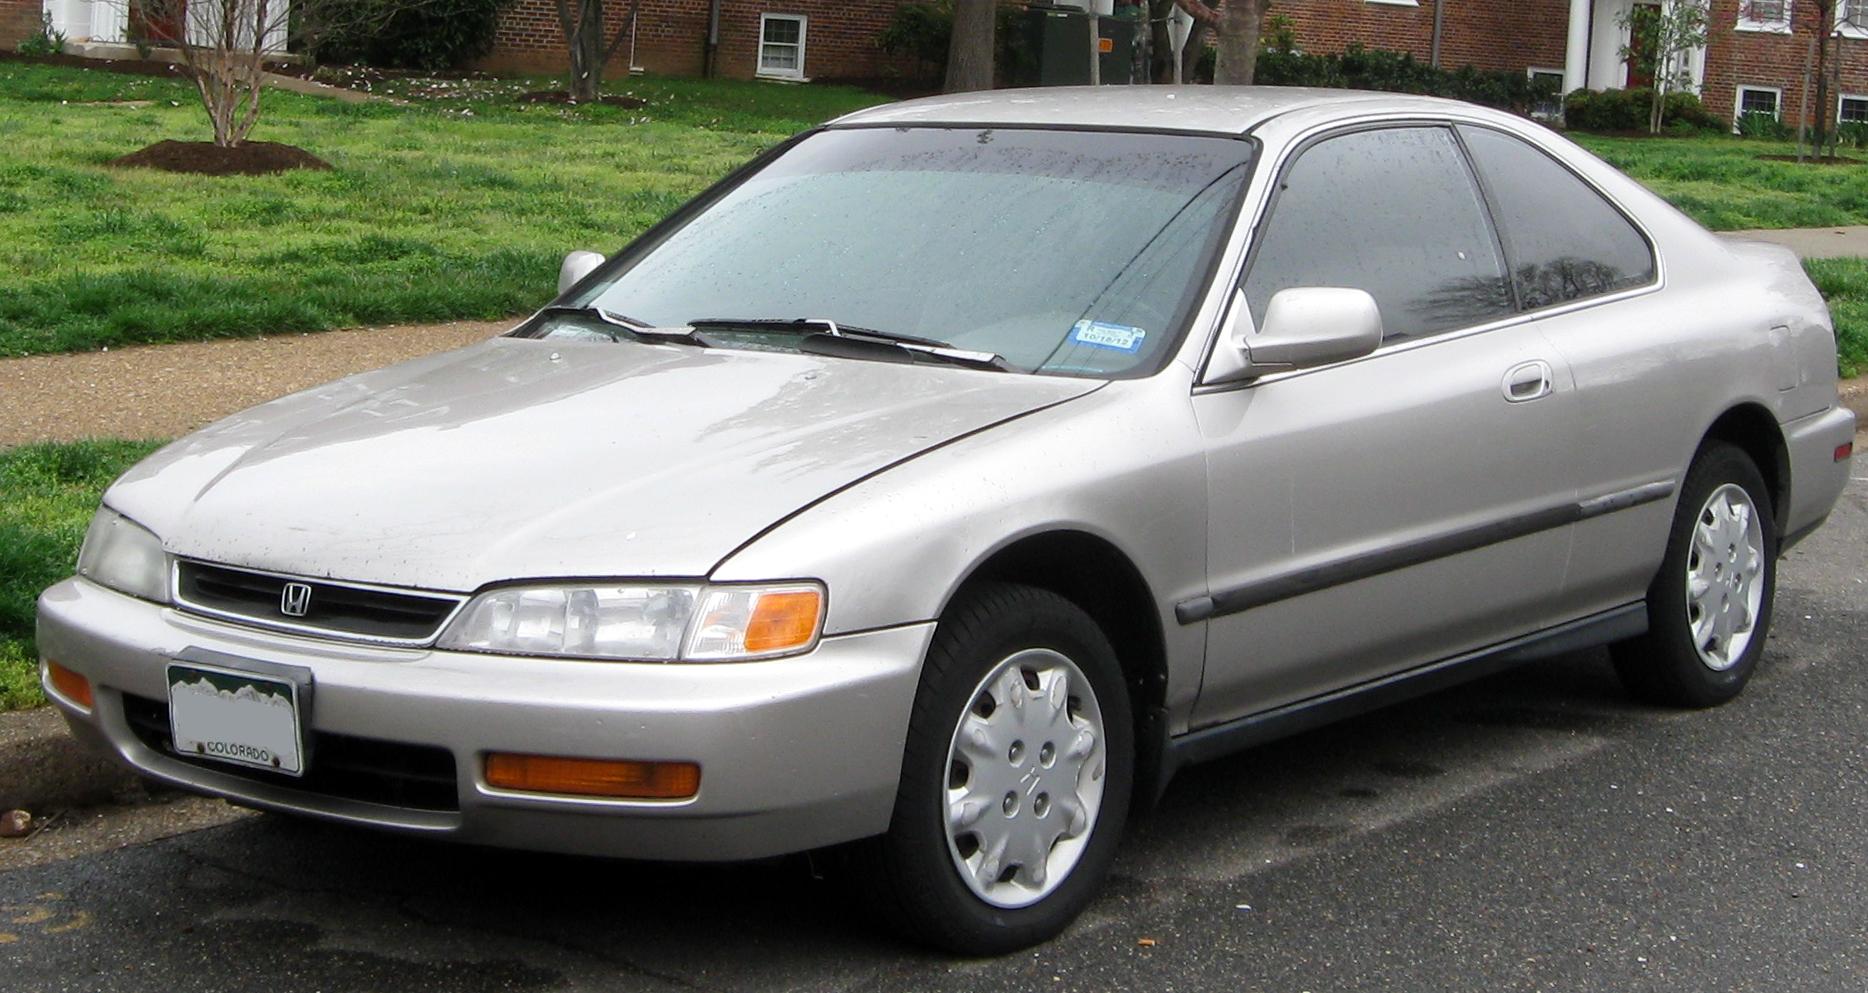 Kelebihan Honda 1996 Top Model Tahun Ini